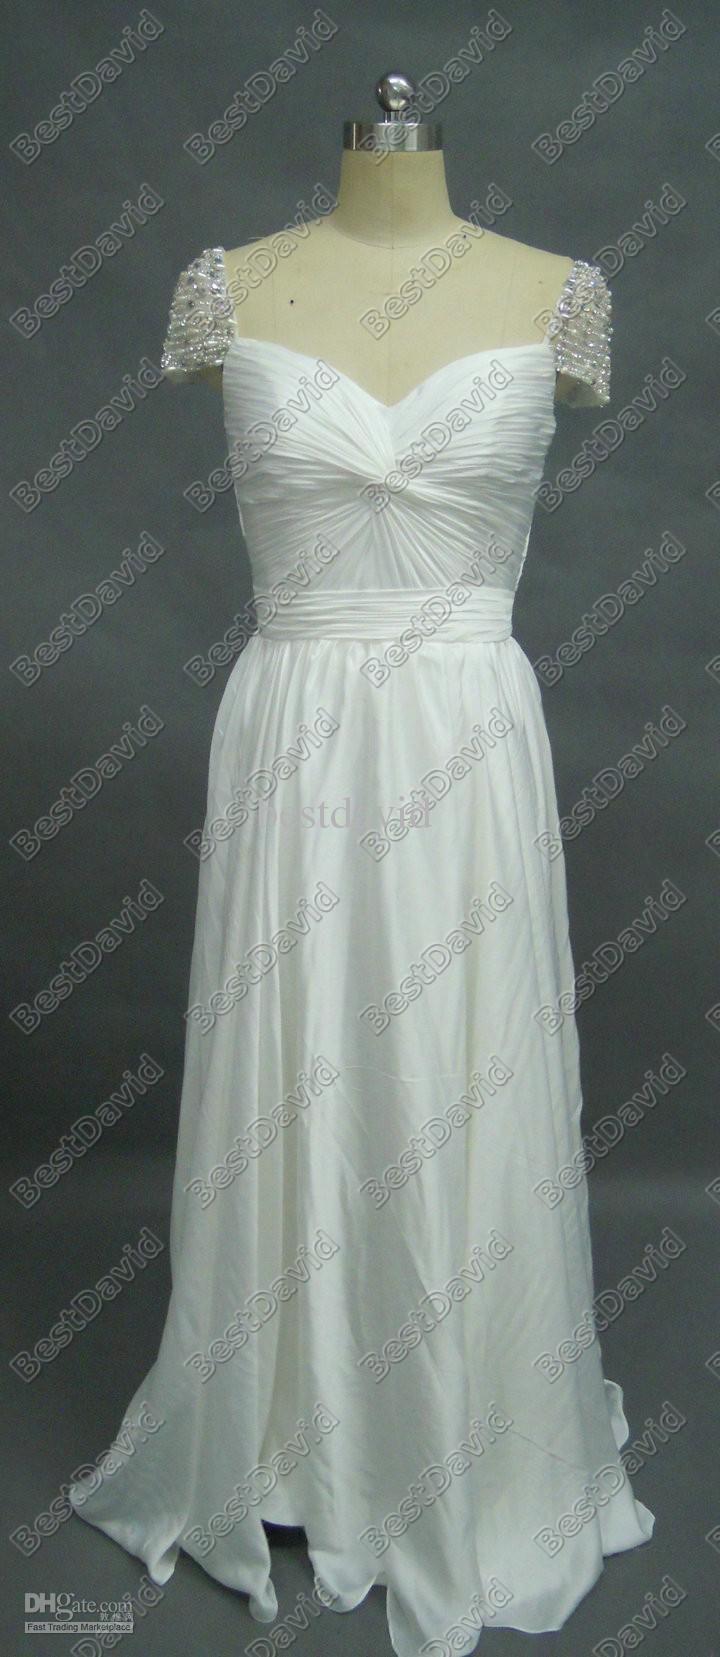 Knock off celebrity dresses eligent prom dresses for Knock off wedding dresses